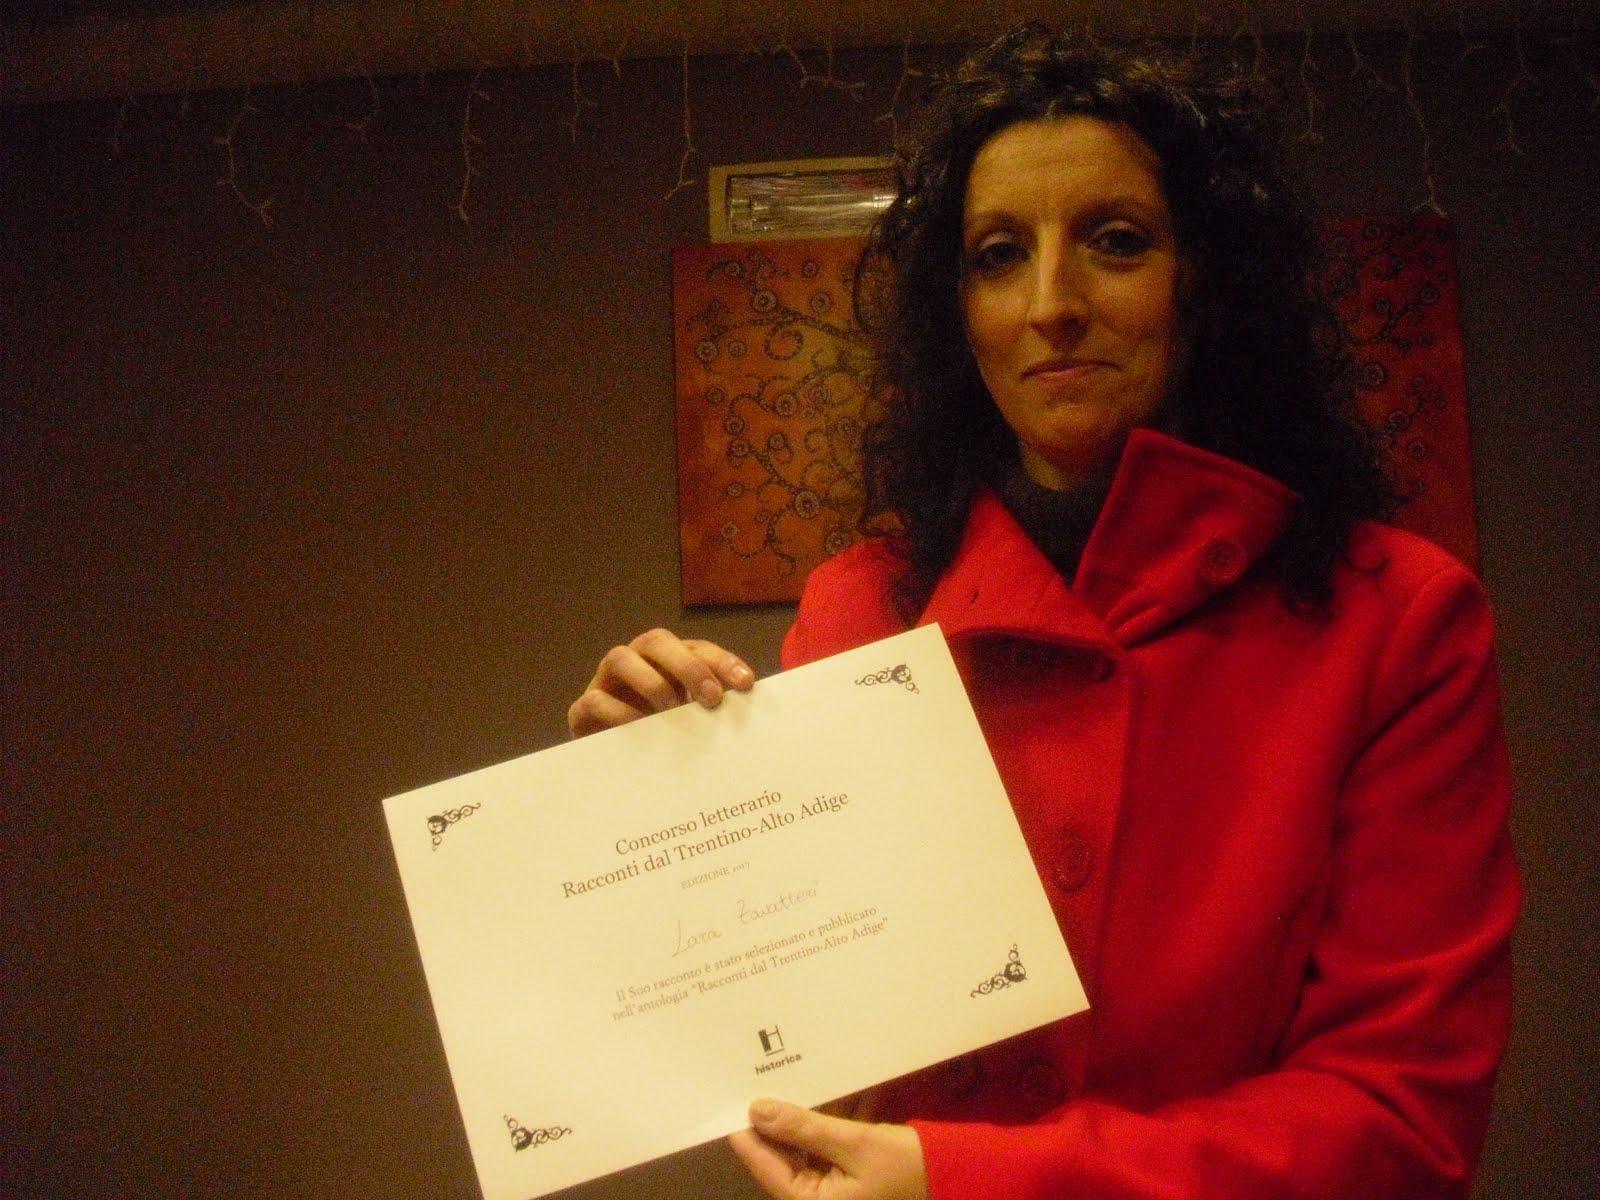 Io alla premiazione casa editrice Historica